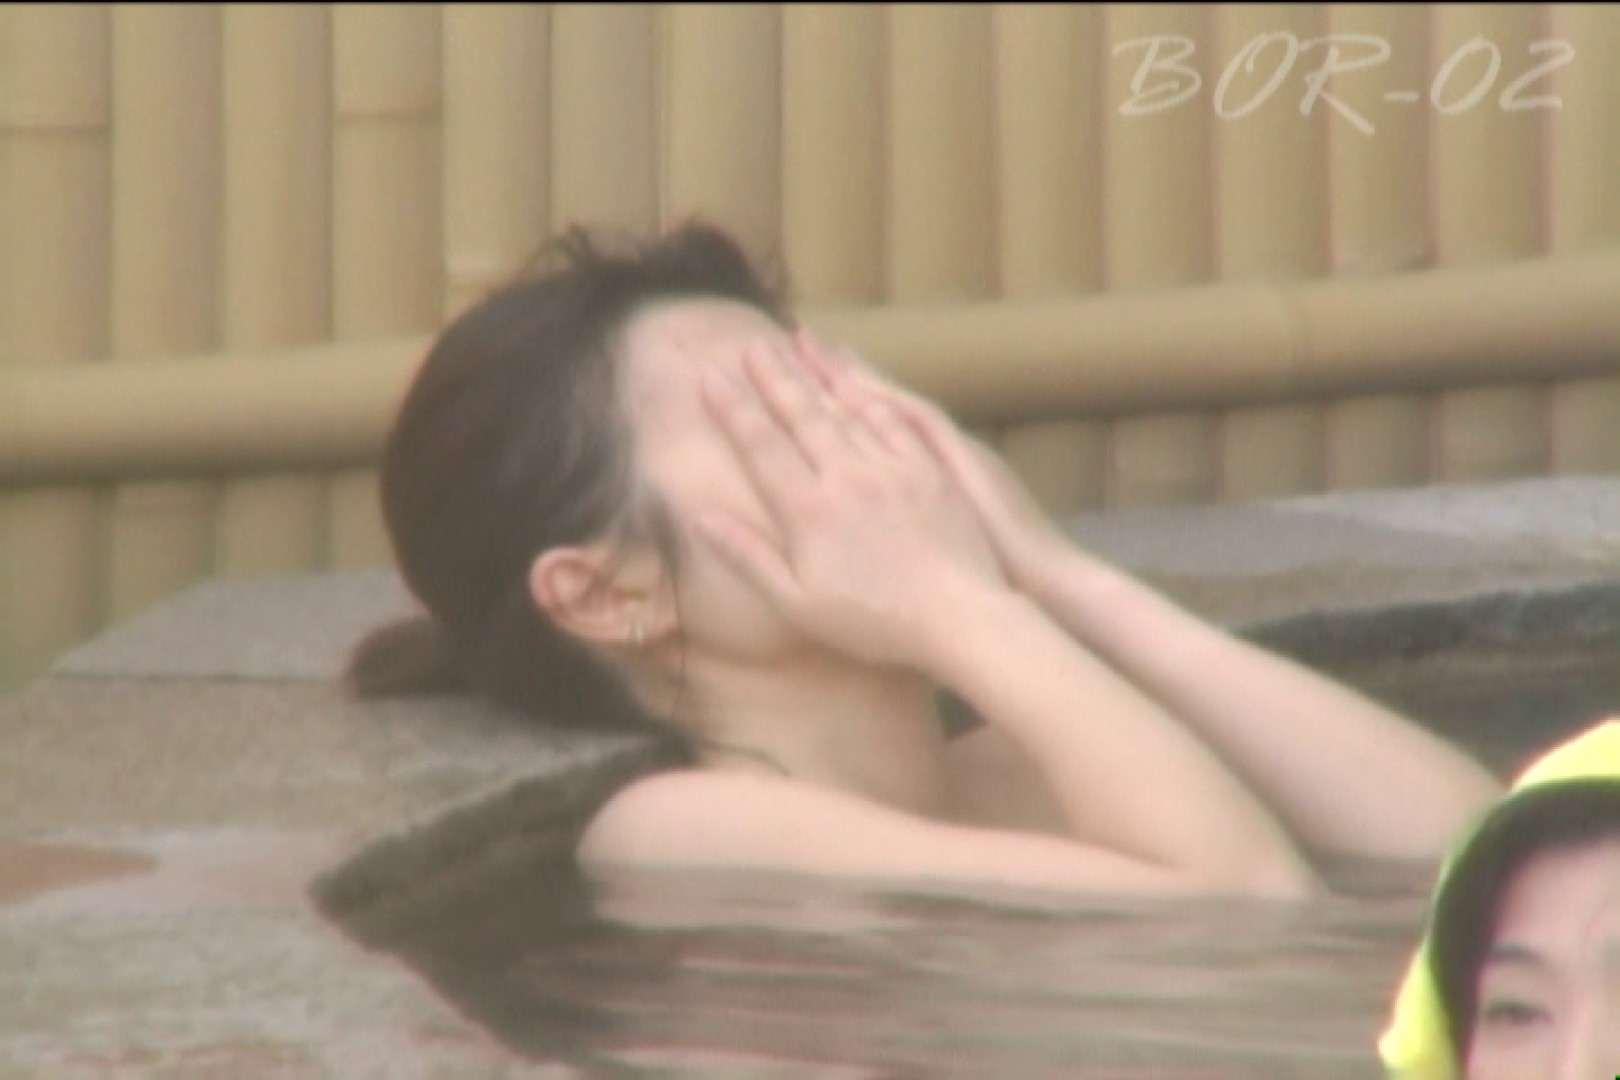 Aquaな露天風呂Vol.477 盗撮  99PICs 30